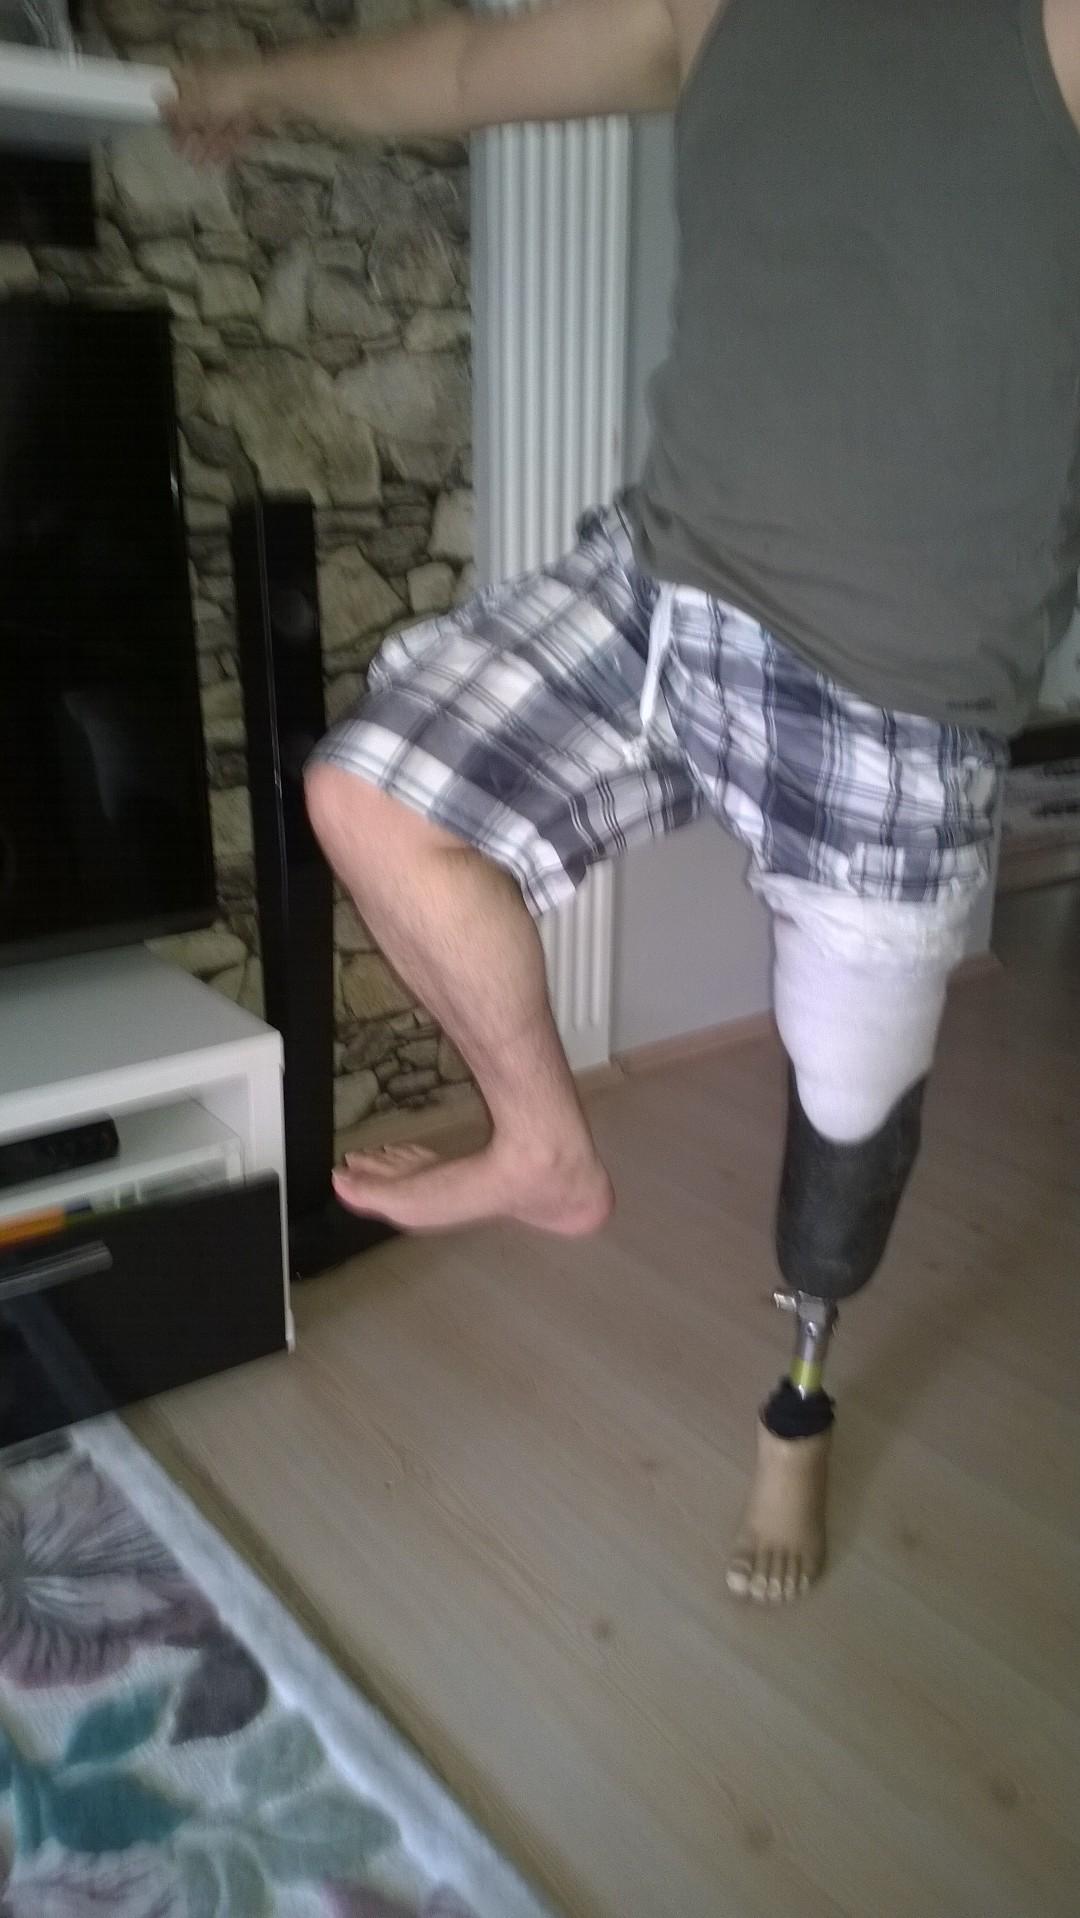 XoPba7 - Kendi protezimizi kendimiz yapabilir miyiz sorusunun cevabını arıyorum..?